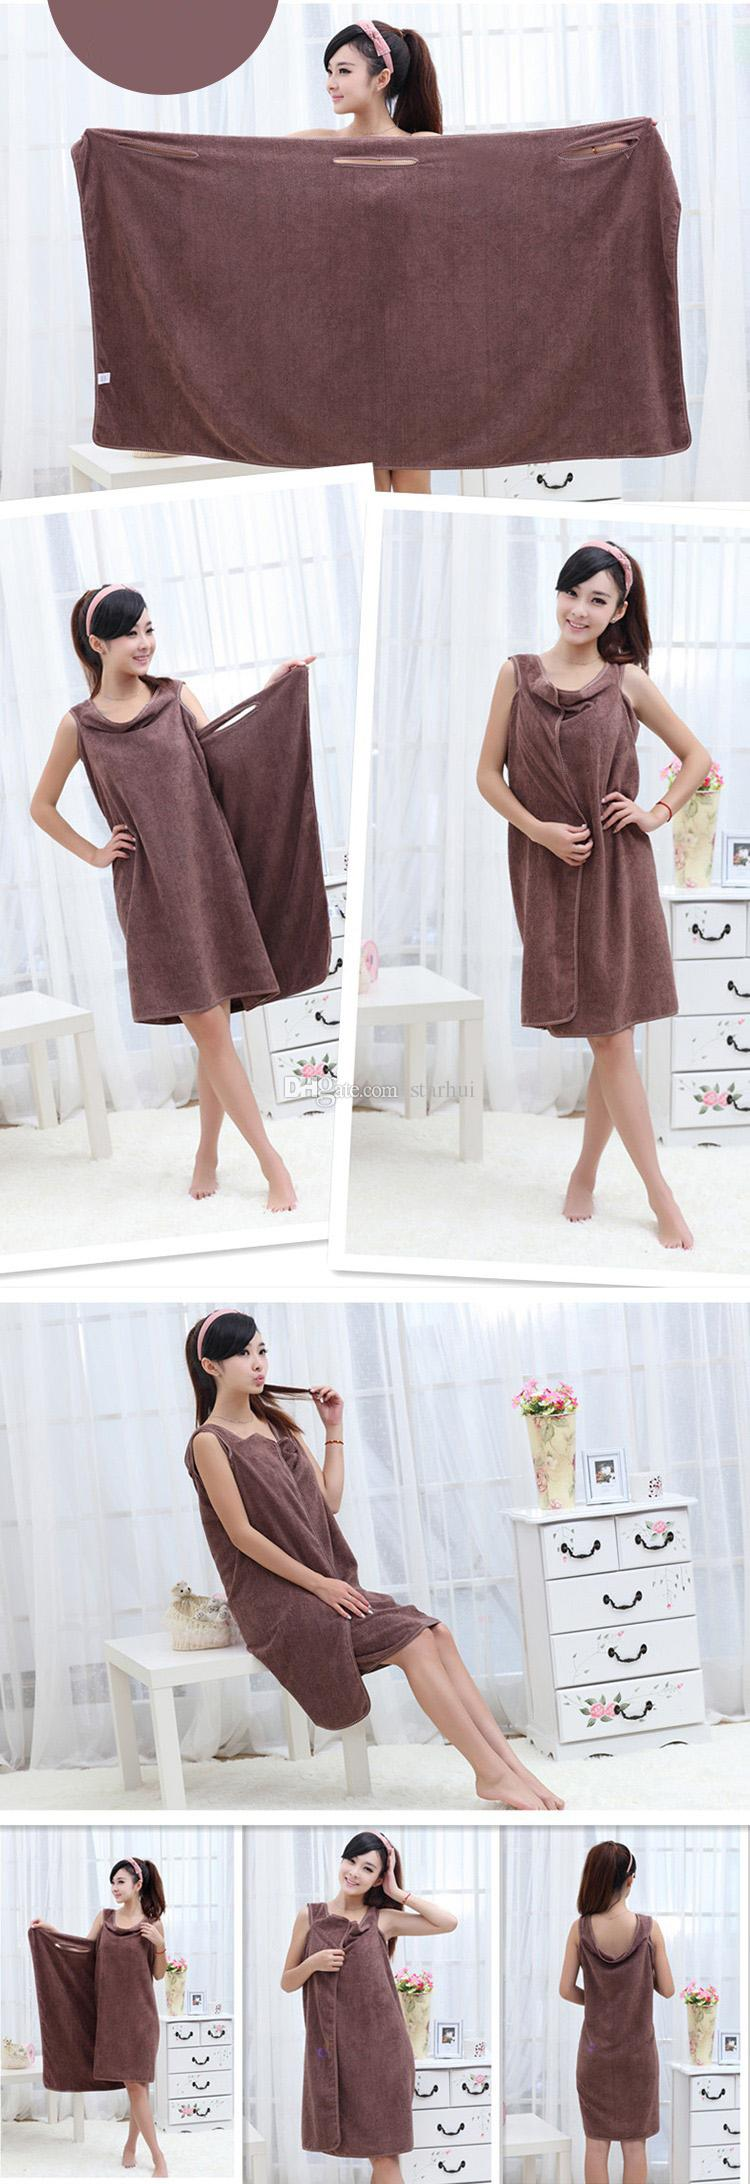 Magic Toallas de baño Lady Girls SPA Toalla de ducha Body Wrap Bata de baño Albornoz Vestido de playa Toalla mágica usable Estilo grueso WX-T16